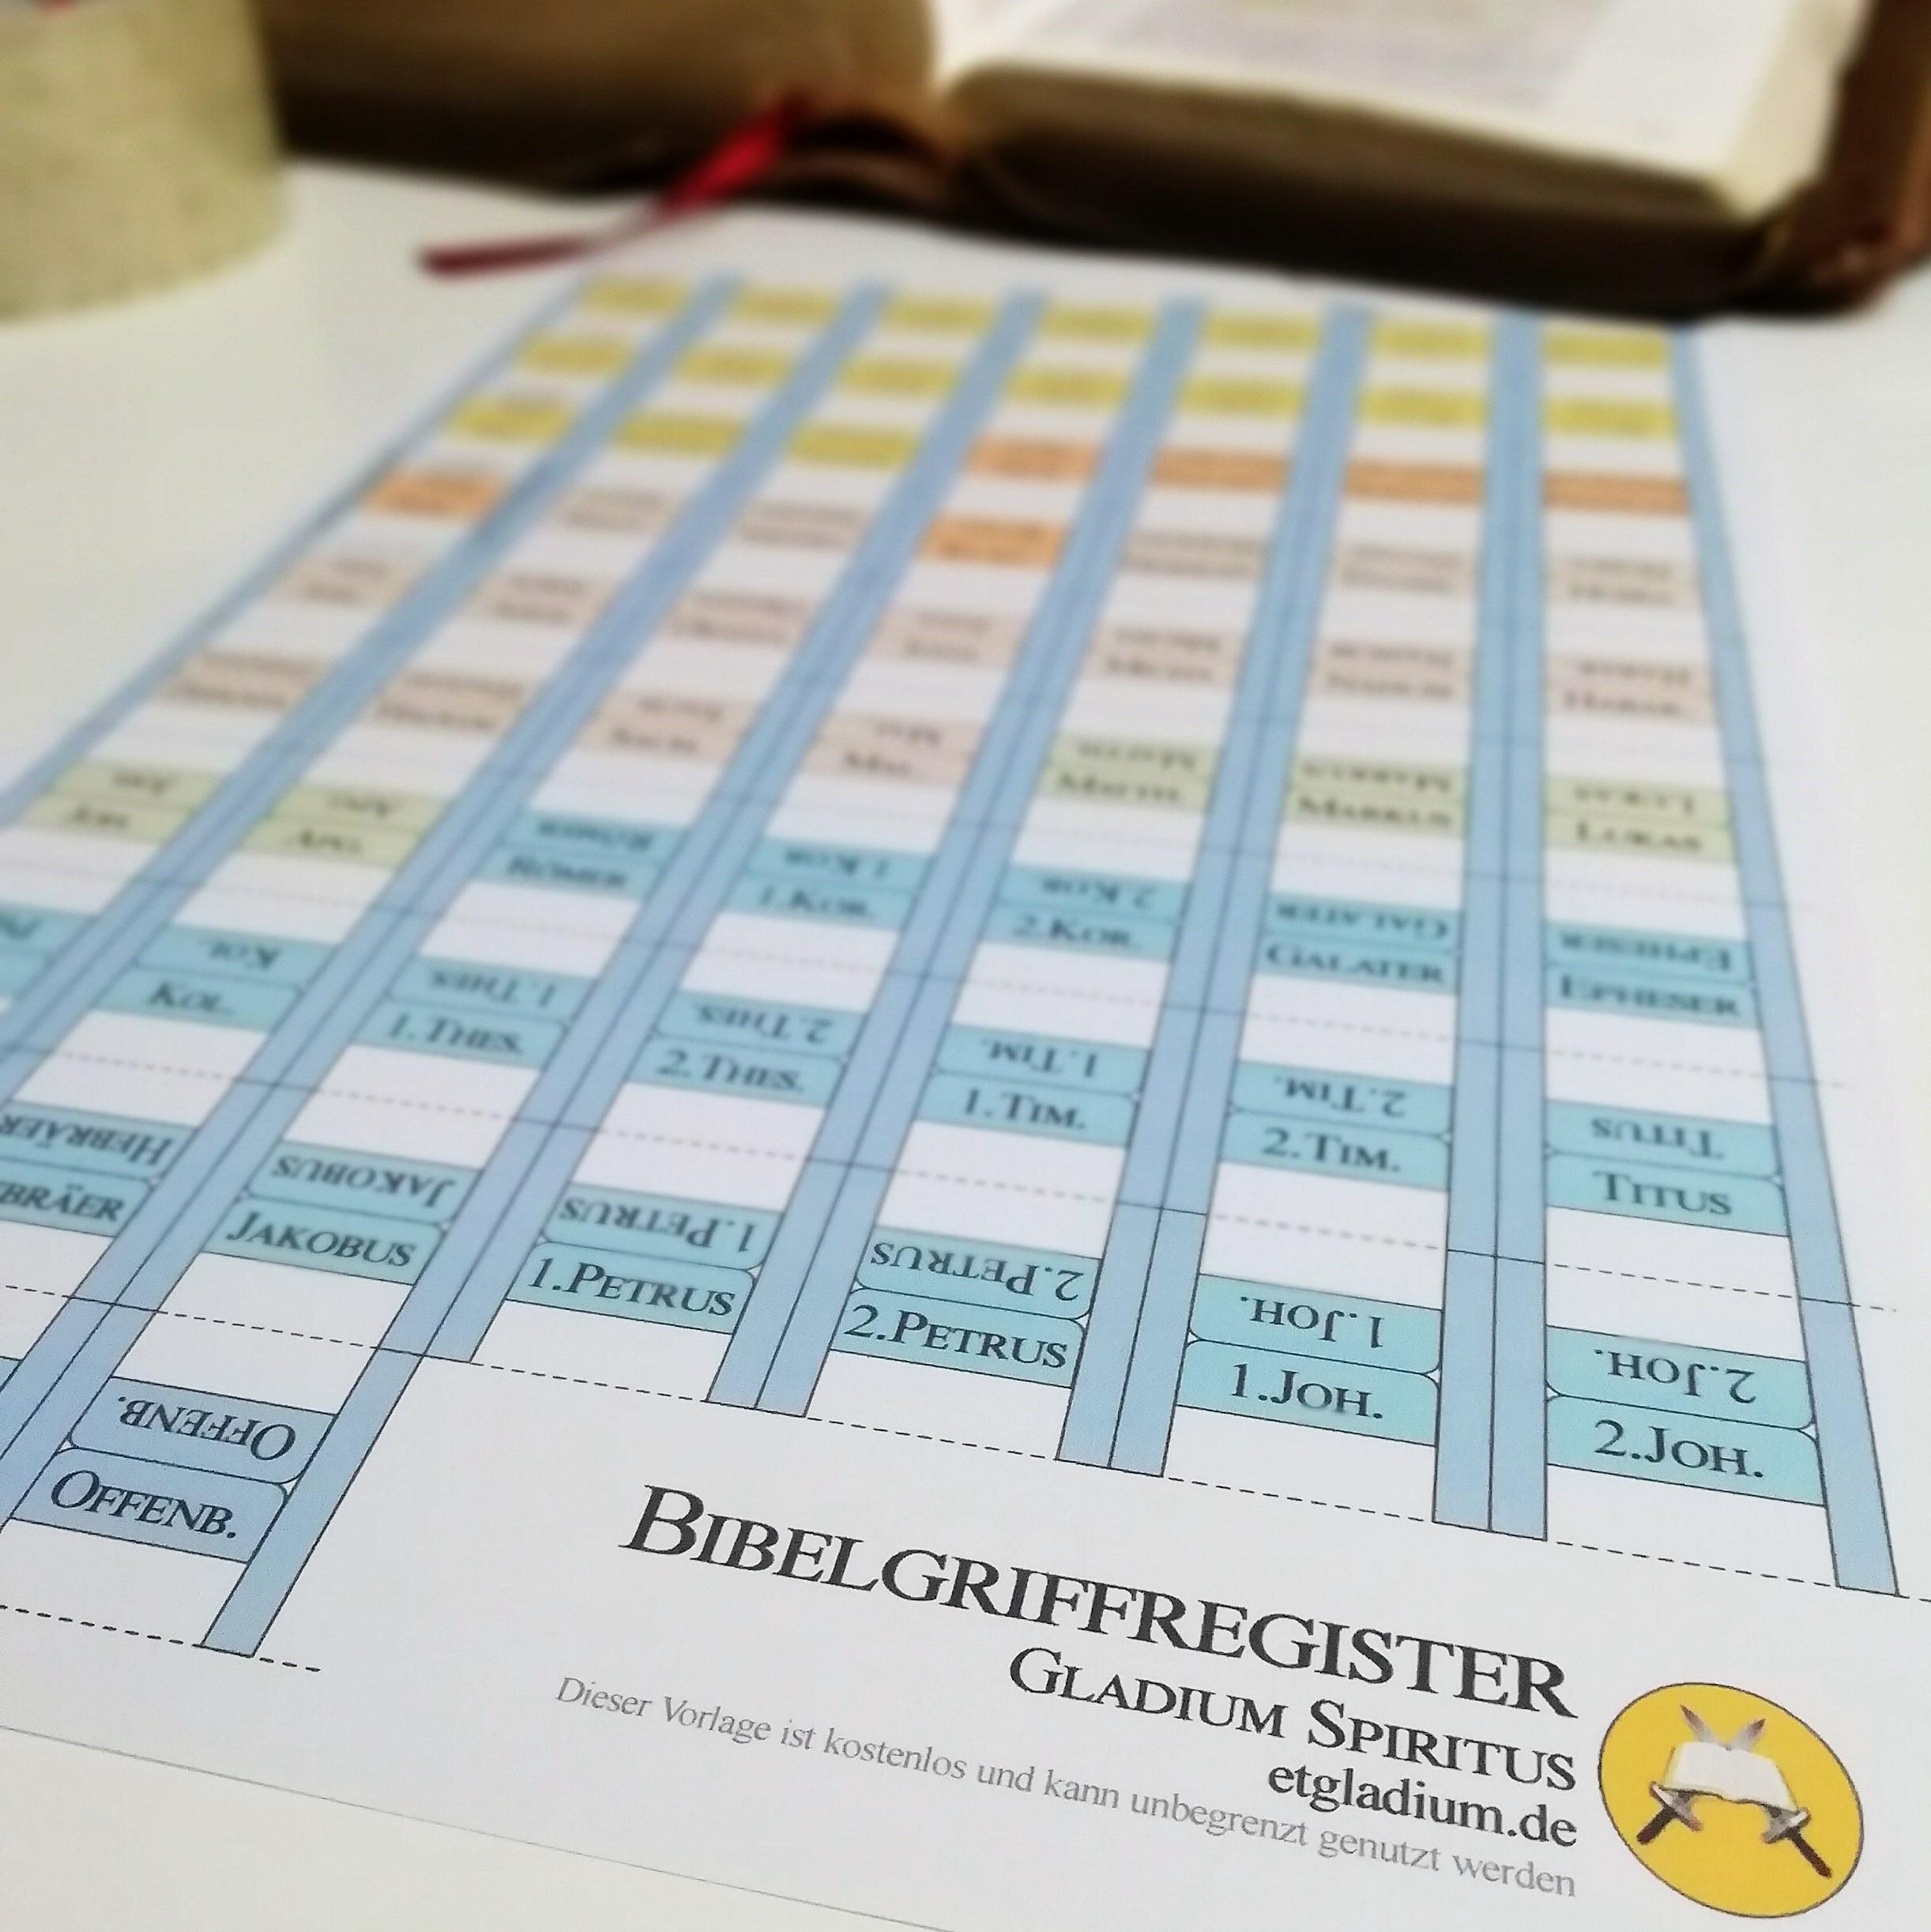 Griffregister auf ein DIN A4 Blatt ausdrucken